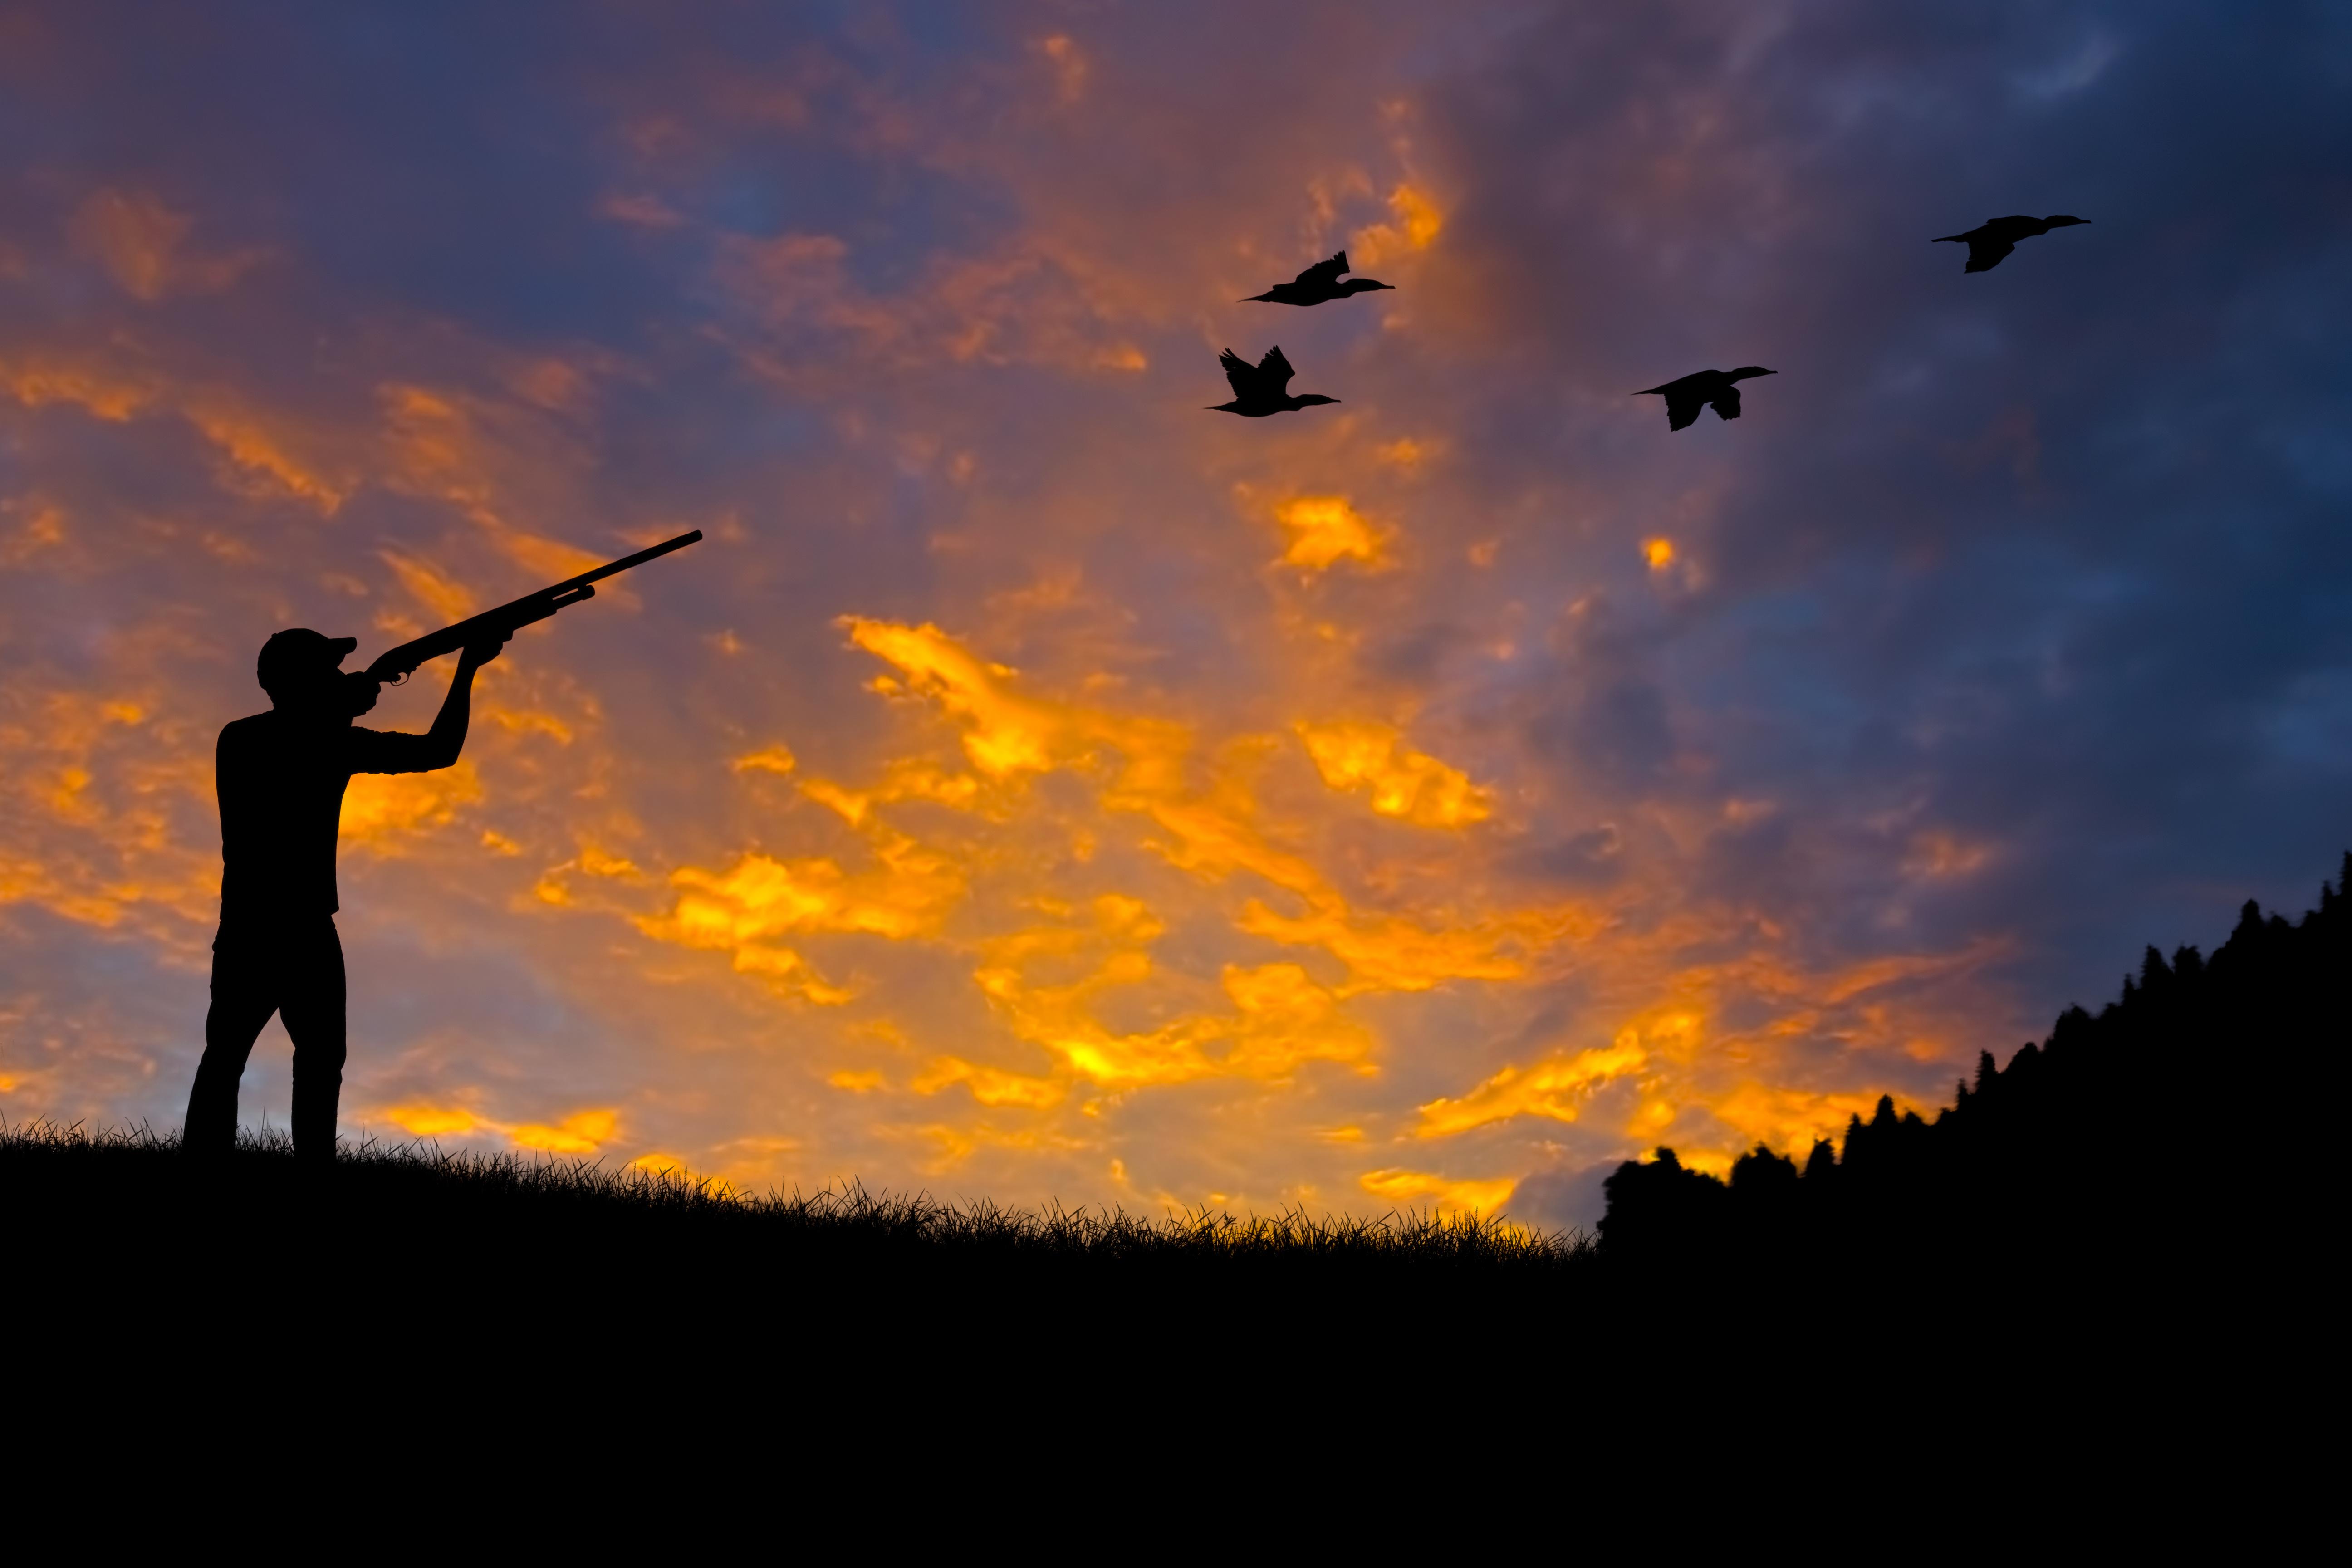 Bin Heart Morass ducks: EPA advice